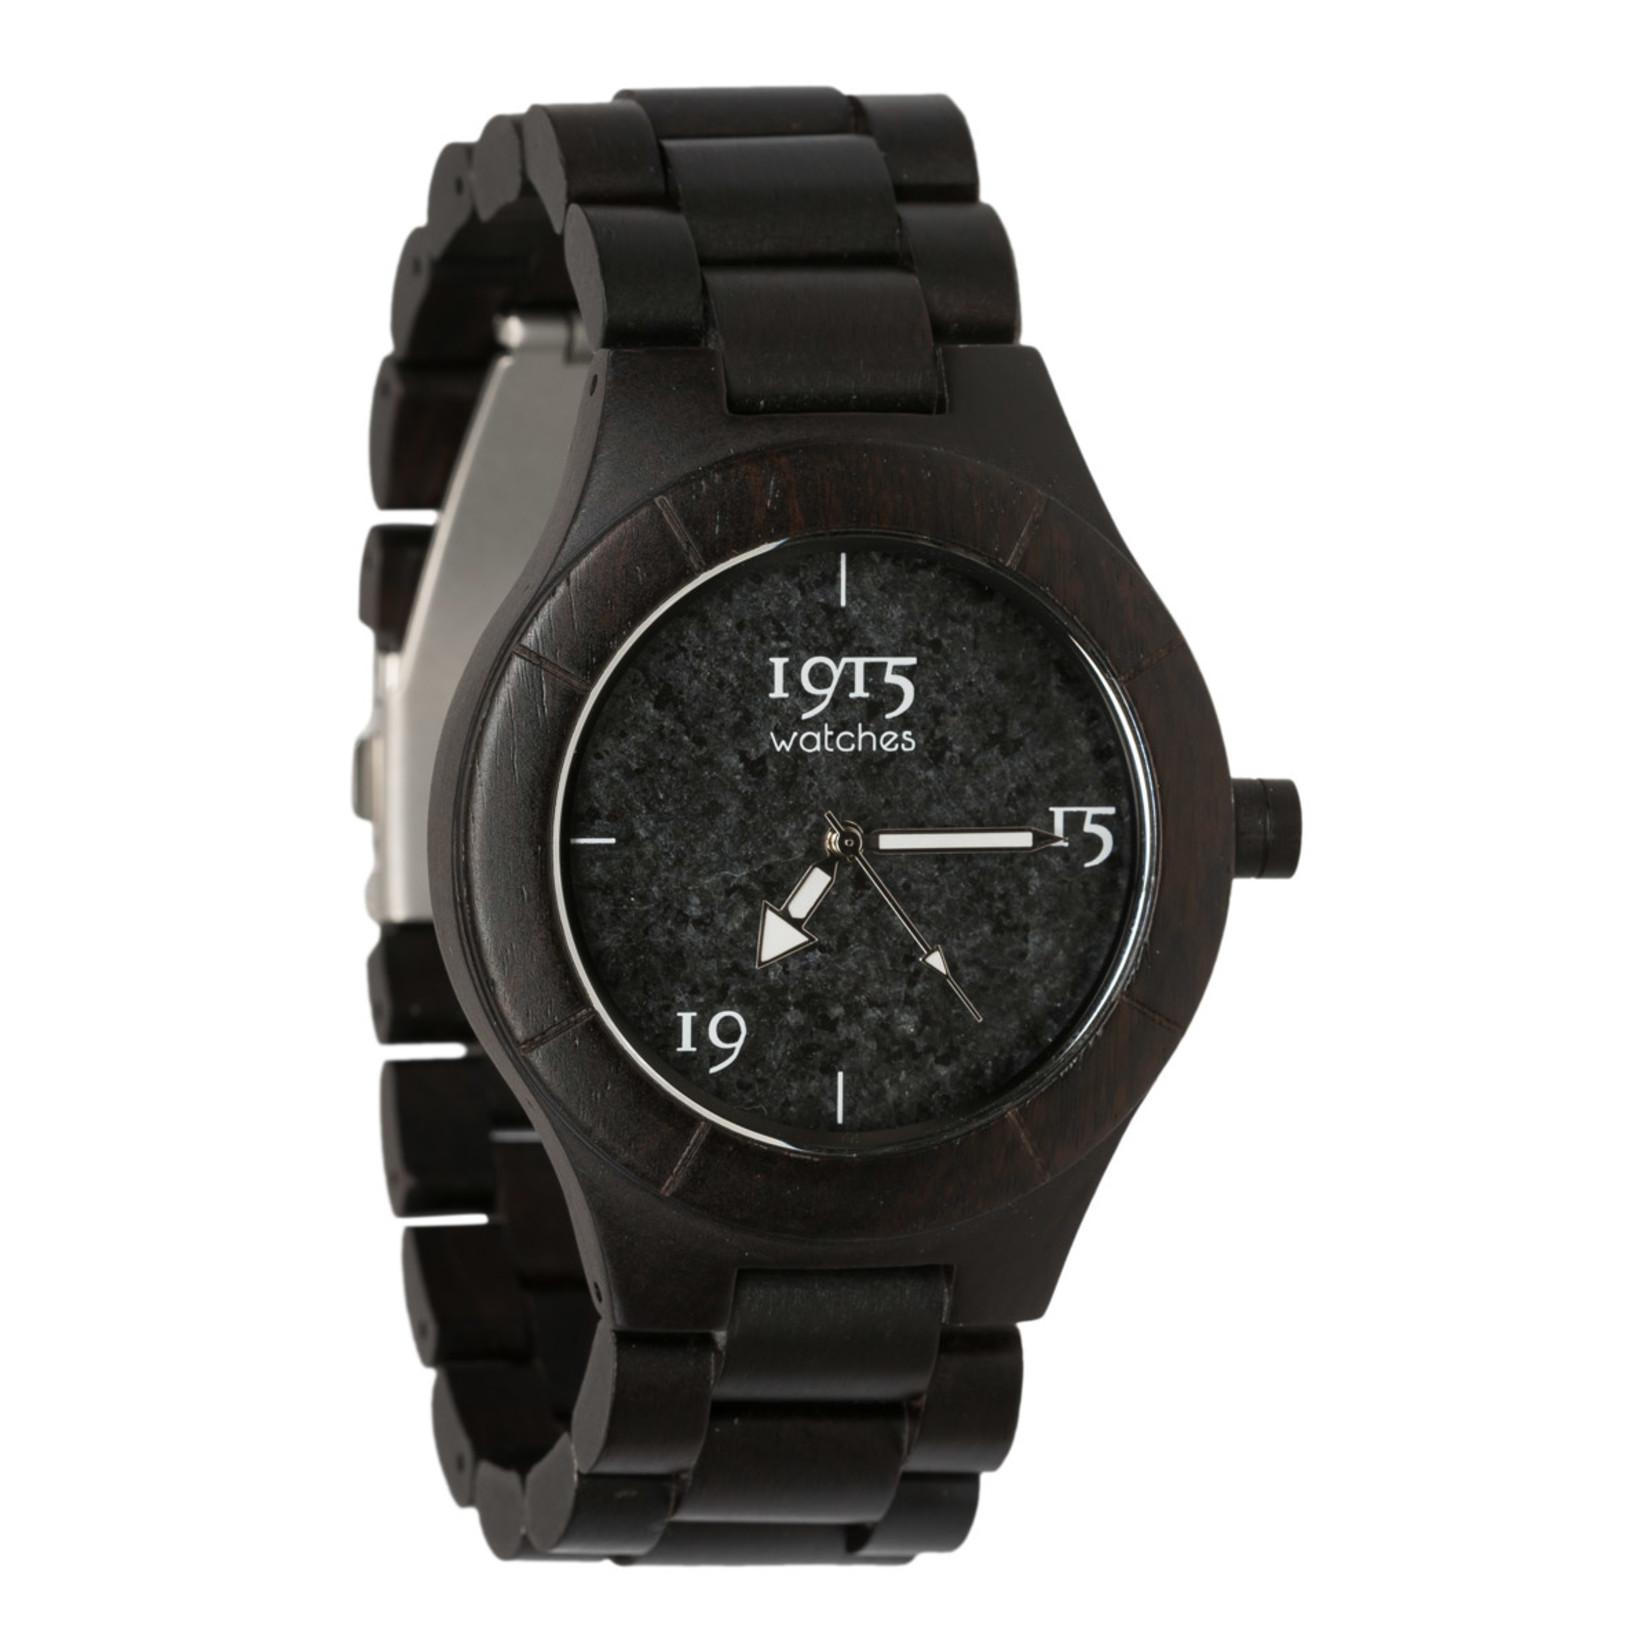 1915 watches 1915 watch men elegance grey stone | Houten heren horloge